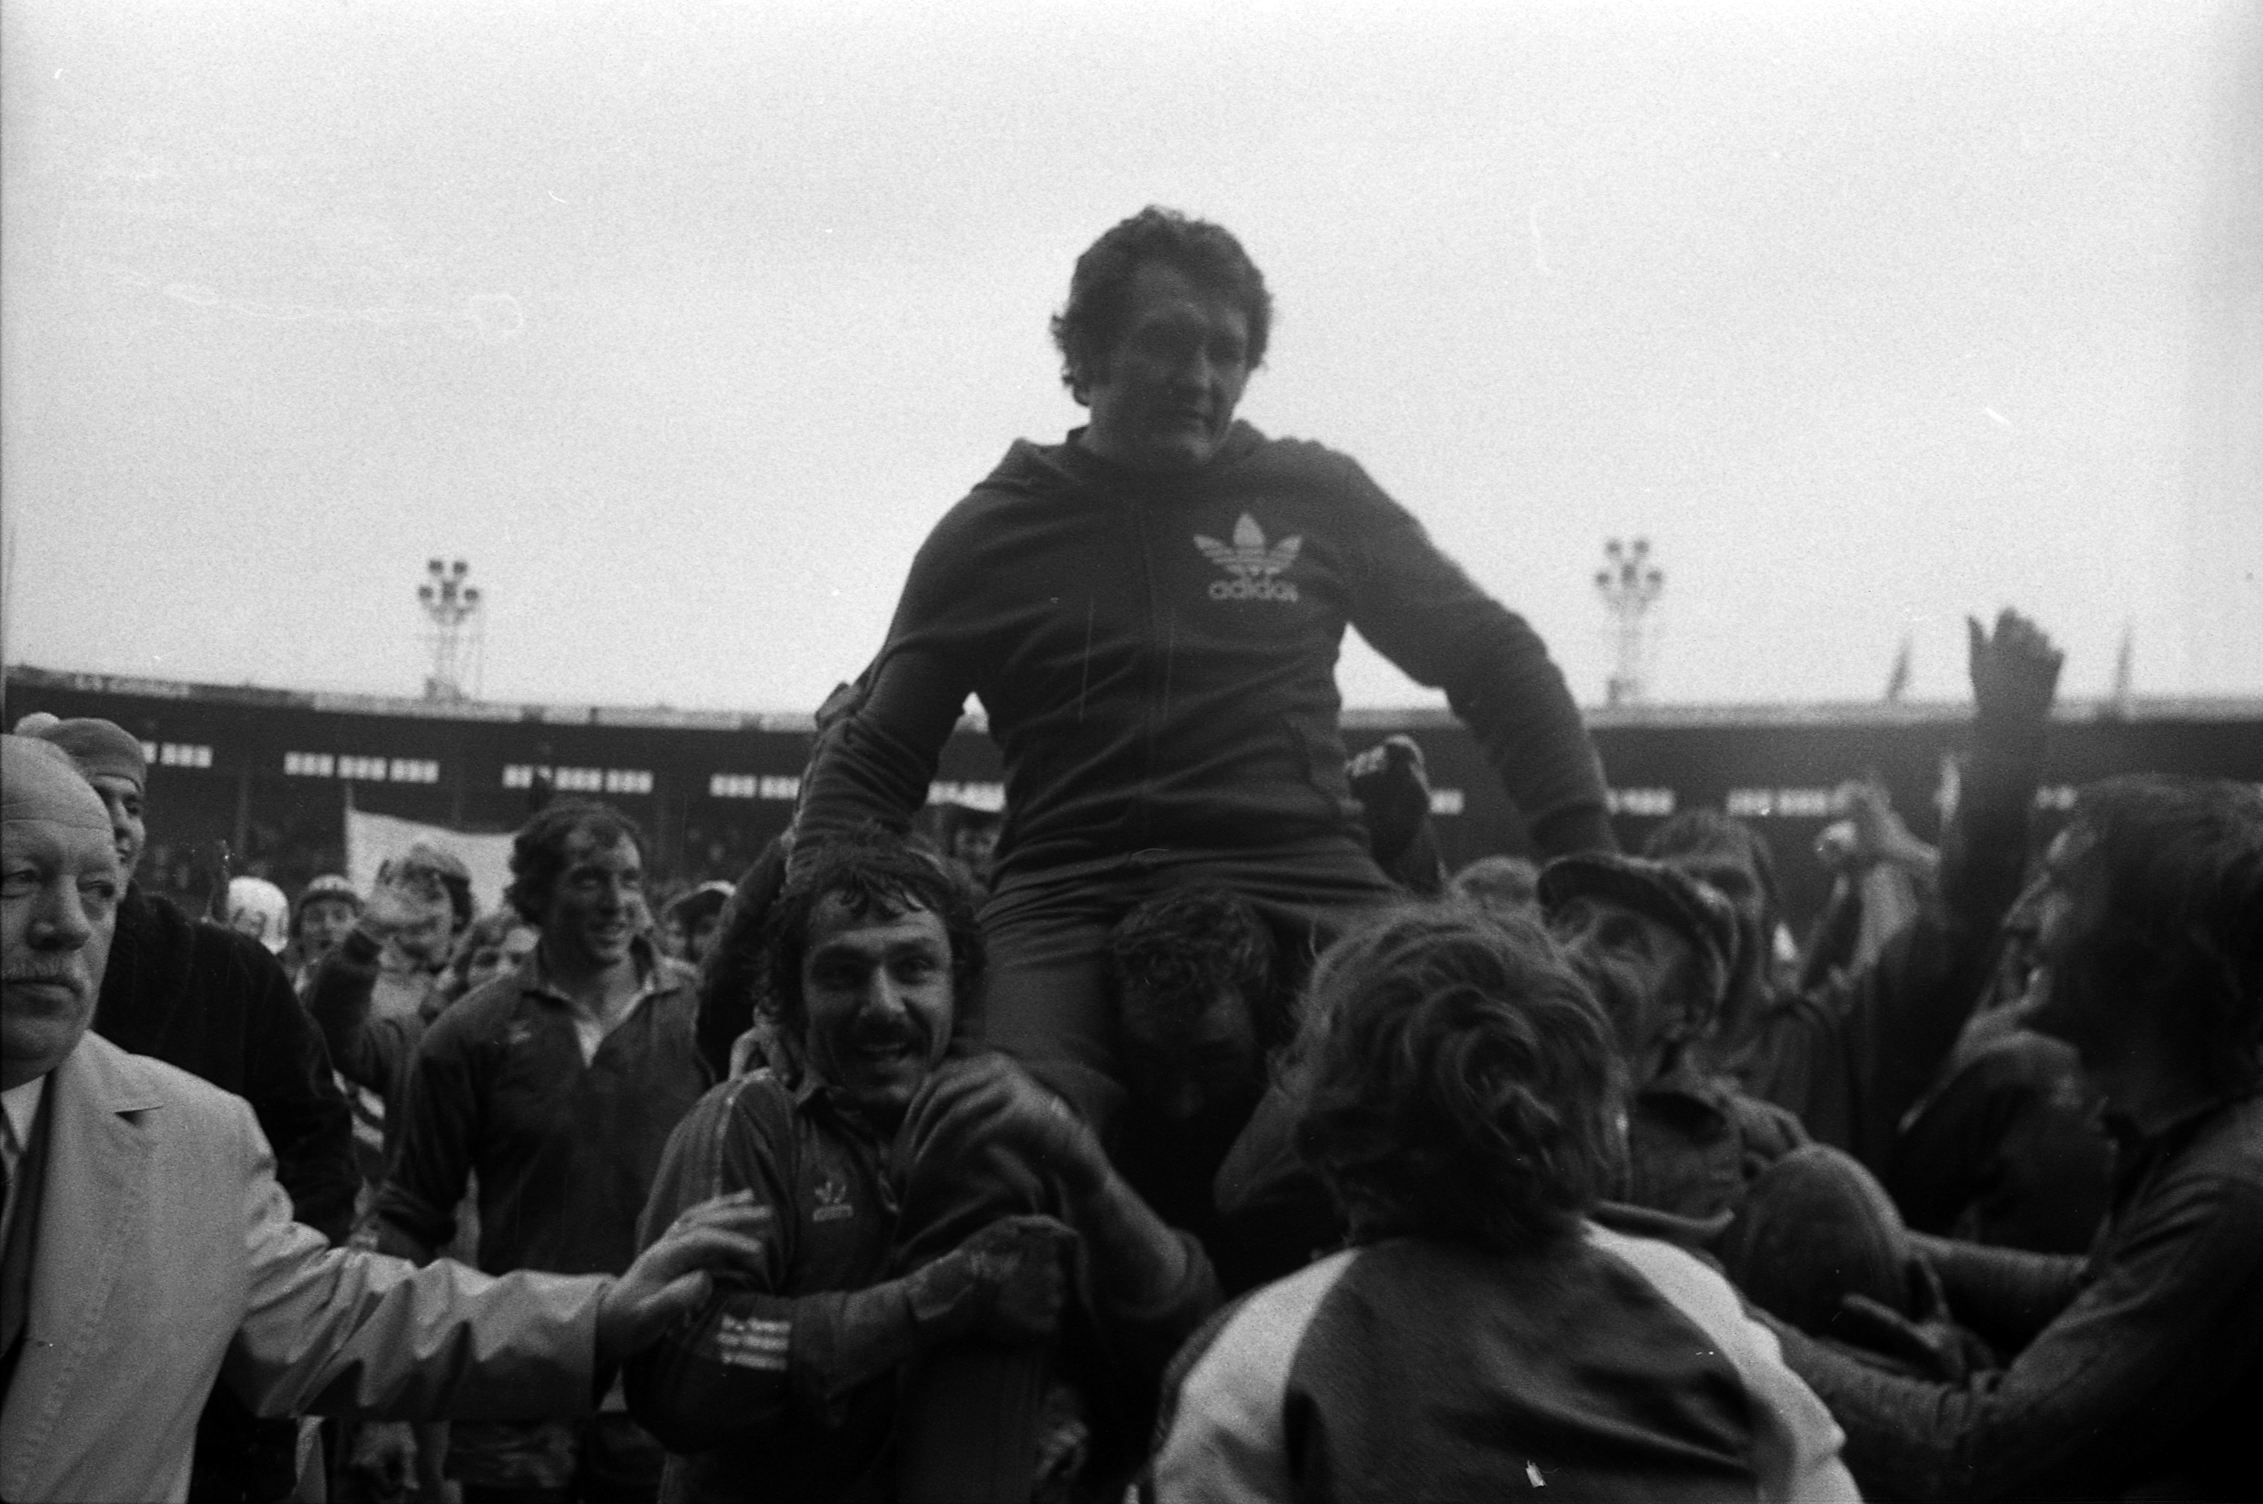 championnat de France de rugby à XIII où l'équipe du Toulouse Olympique XIII rencontre l'équipe de l'AS Saint-Estève. Date 11 May 1975 date QS:P571,+1975-05-11T00:00:00Z/11